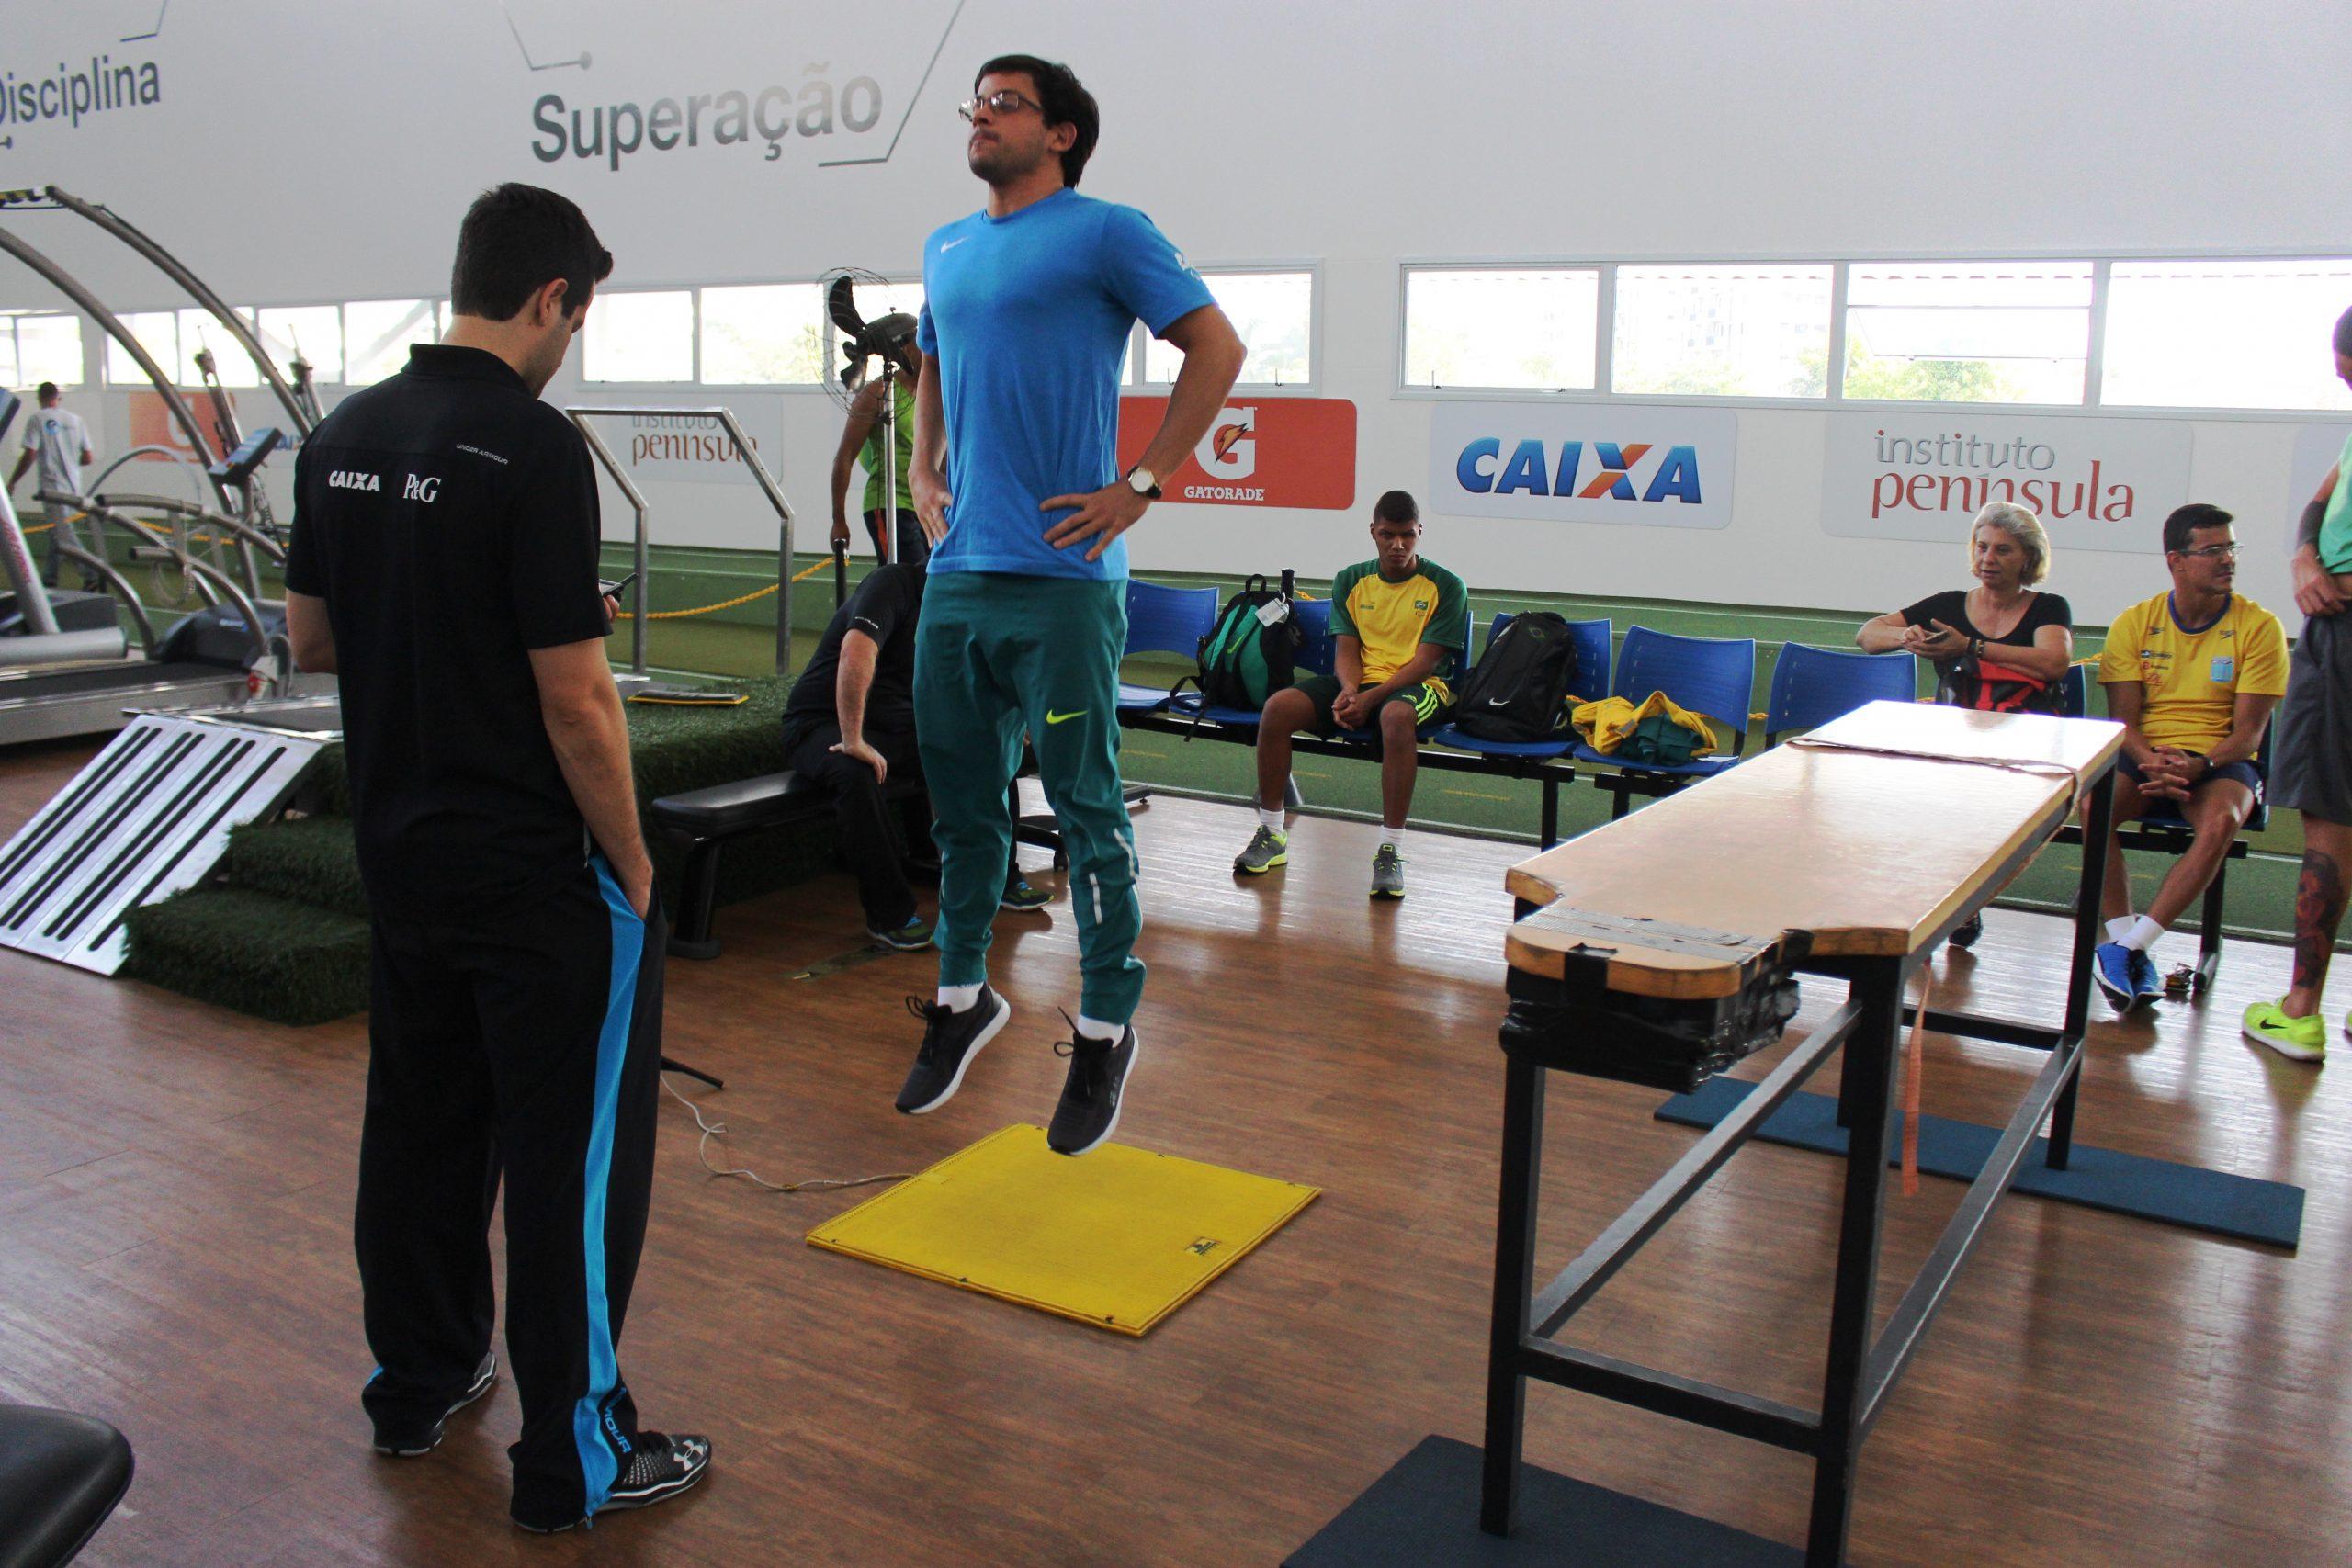 De olho no mundial, seleção de natação paralímpica segue preparação no NAR-SP